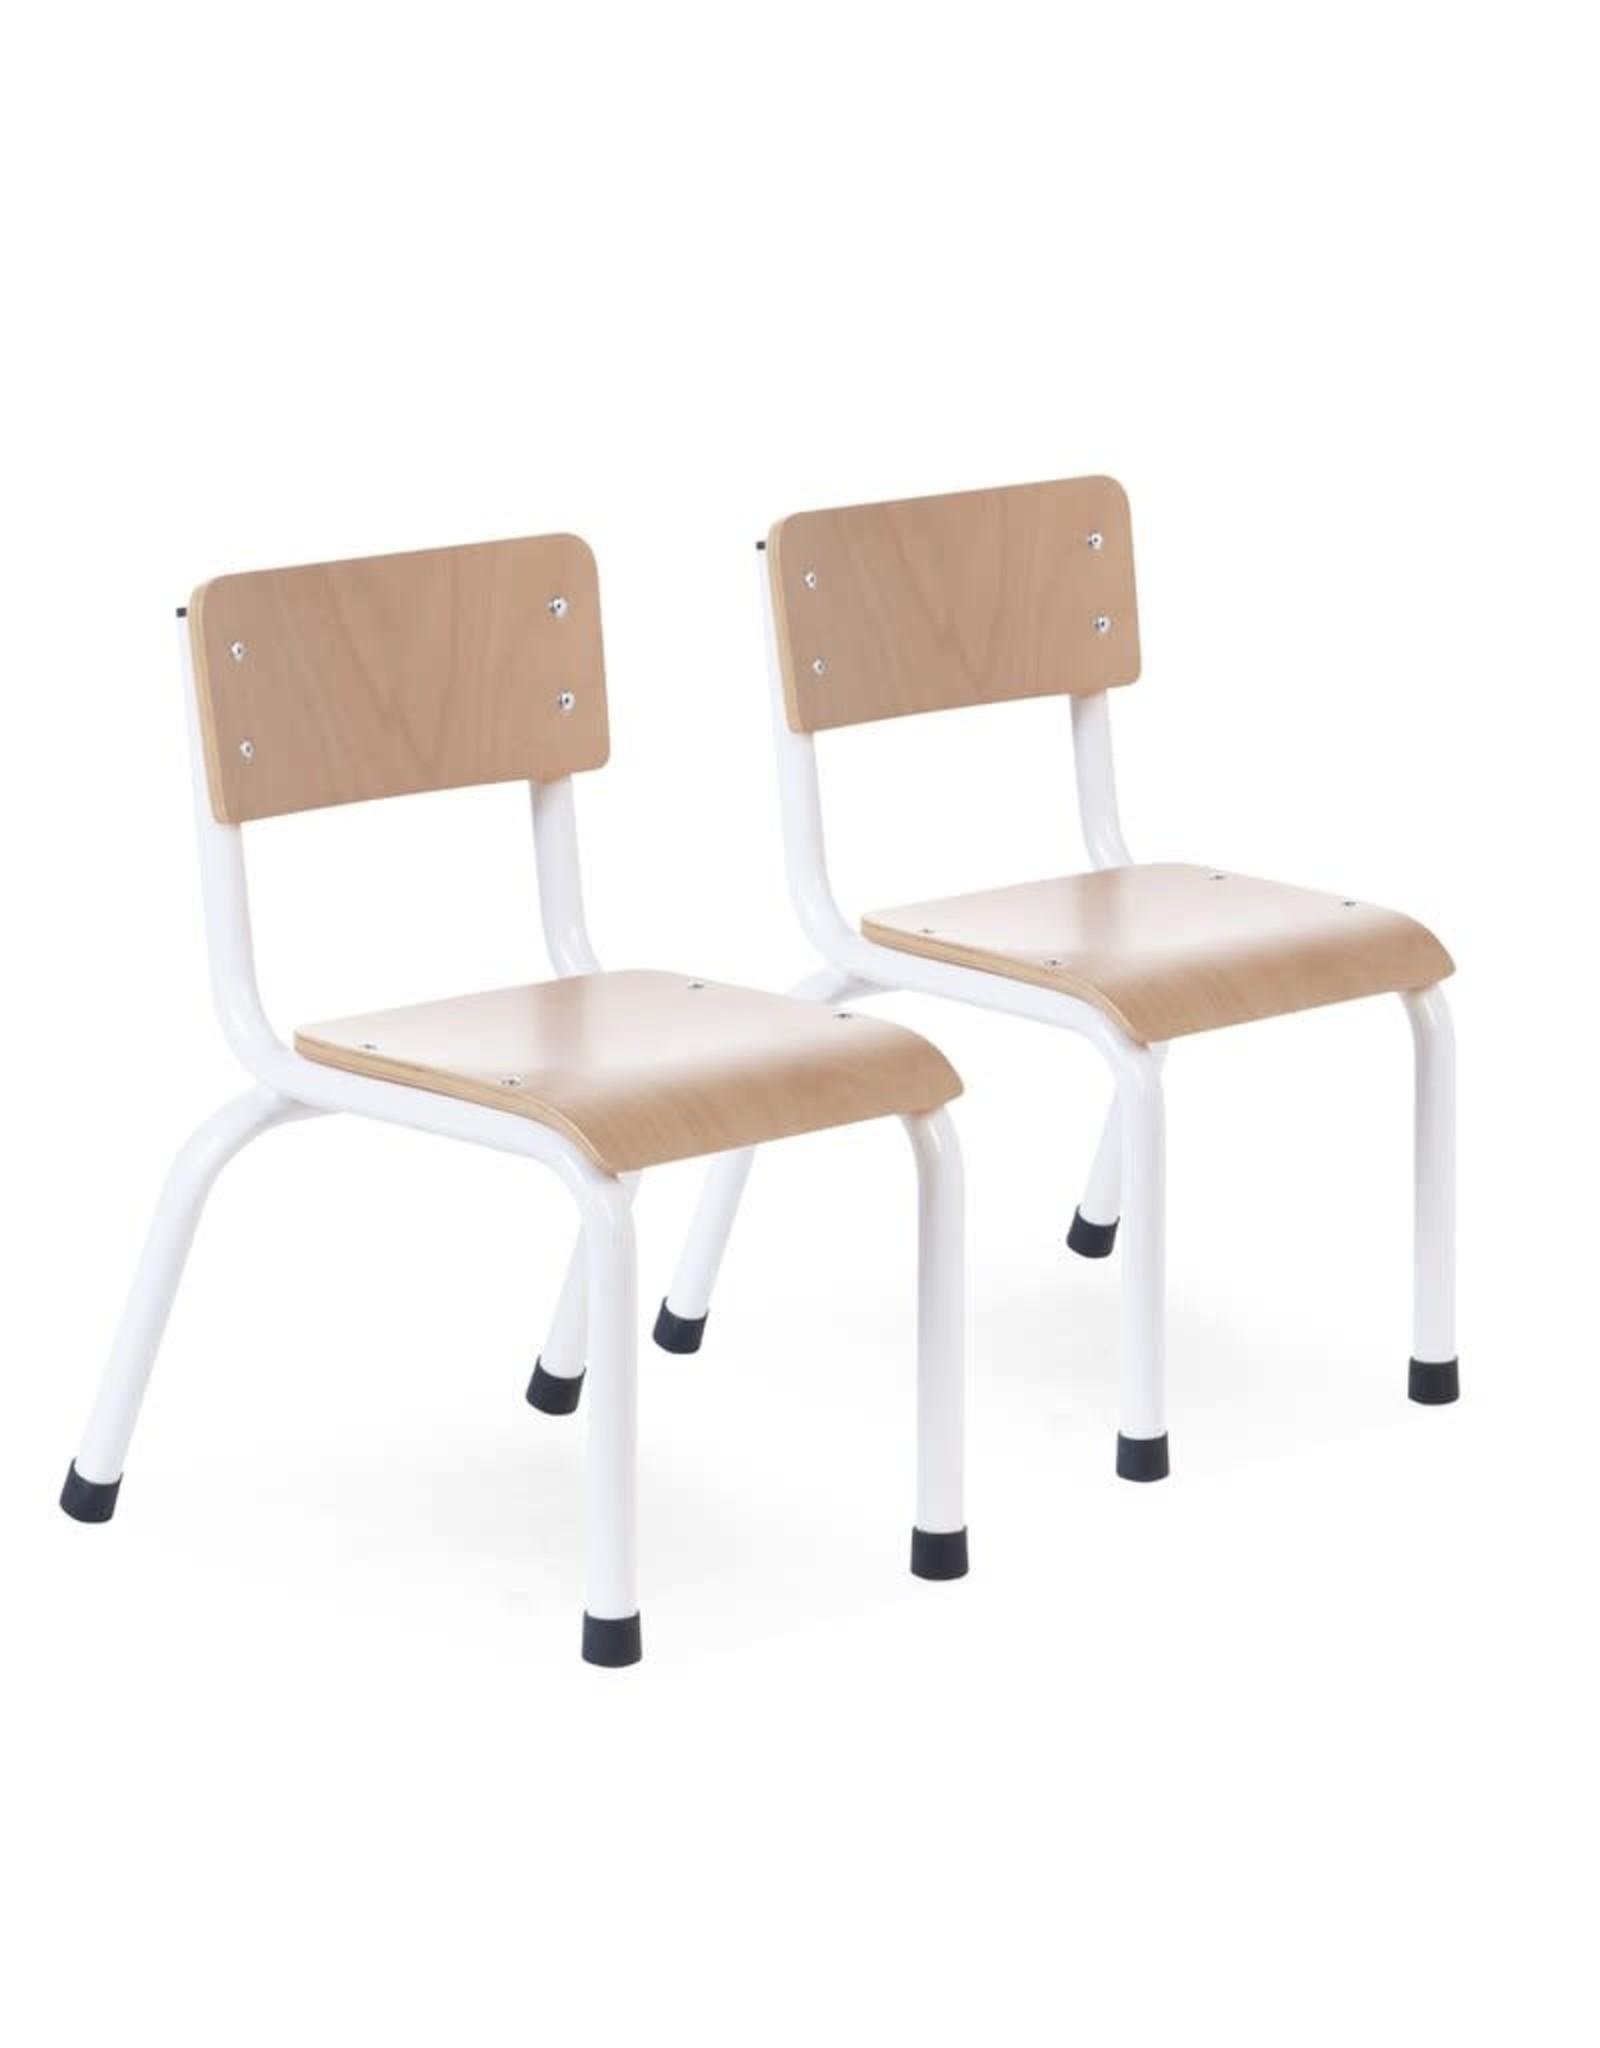 Childhome Childhome Kinderstoeltjes - Metaal Hout - Naturel Wit - 2 Stuks